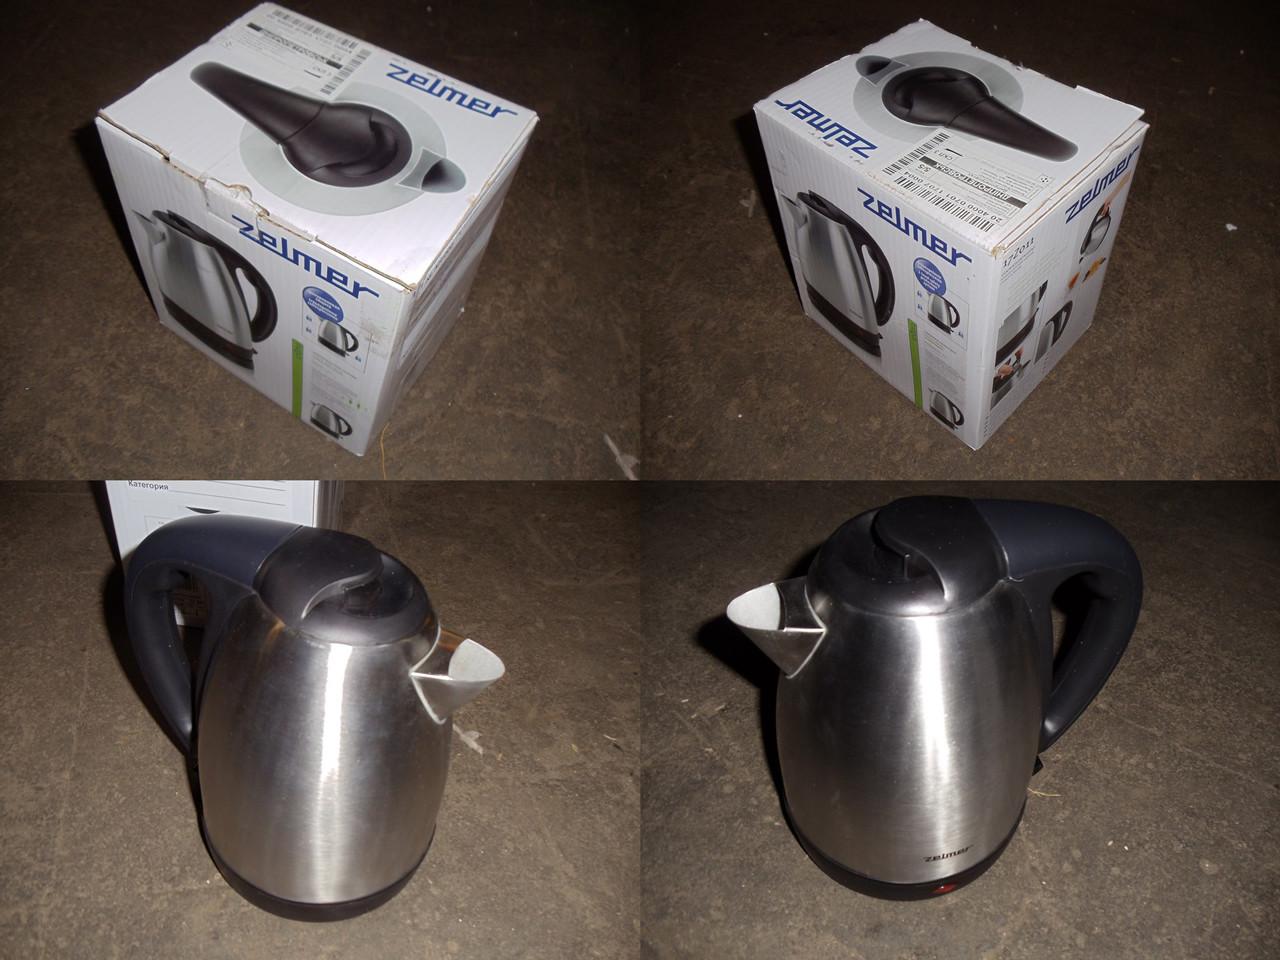 Чайник ZELMER ZCK1170X (17Z011 Inox) - Уценка (077)